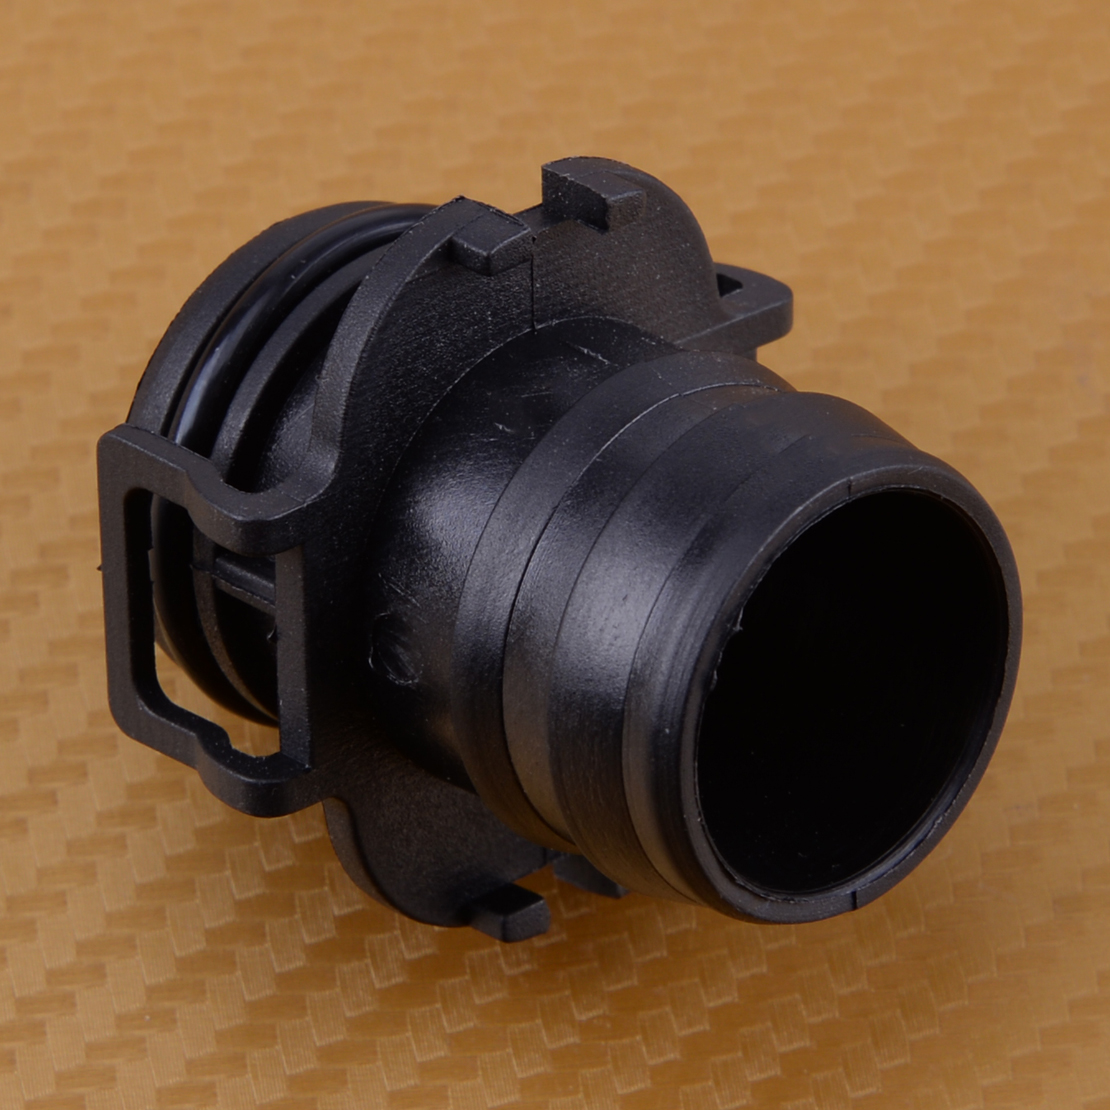 Auto Air Filter Flow Intake Schlauch Rohr Clip Stecker 7M519A673 Fit Für Ford Focus C-Max 2004 2005 2006 2007